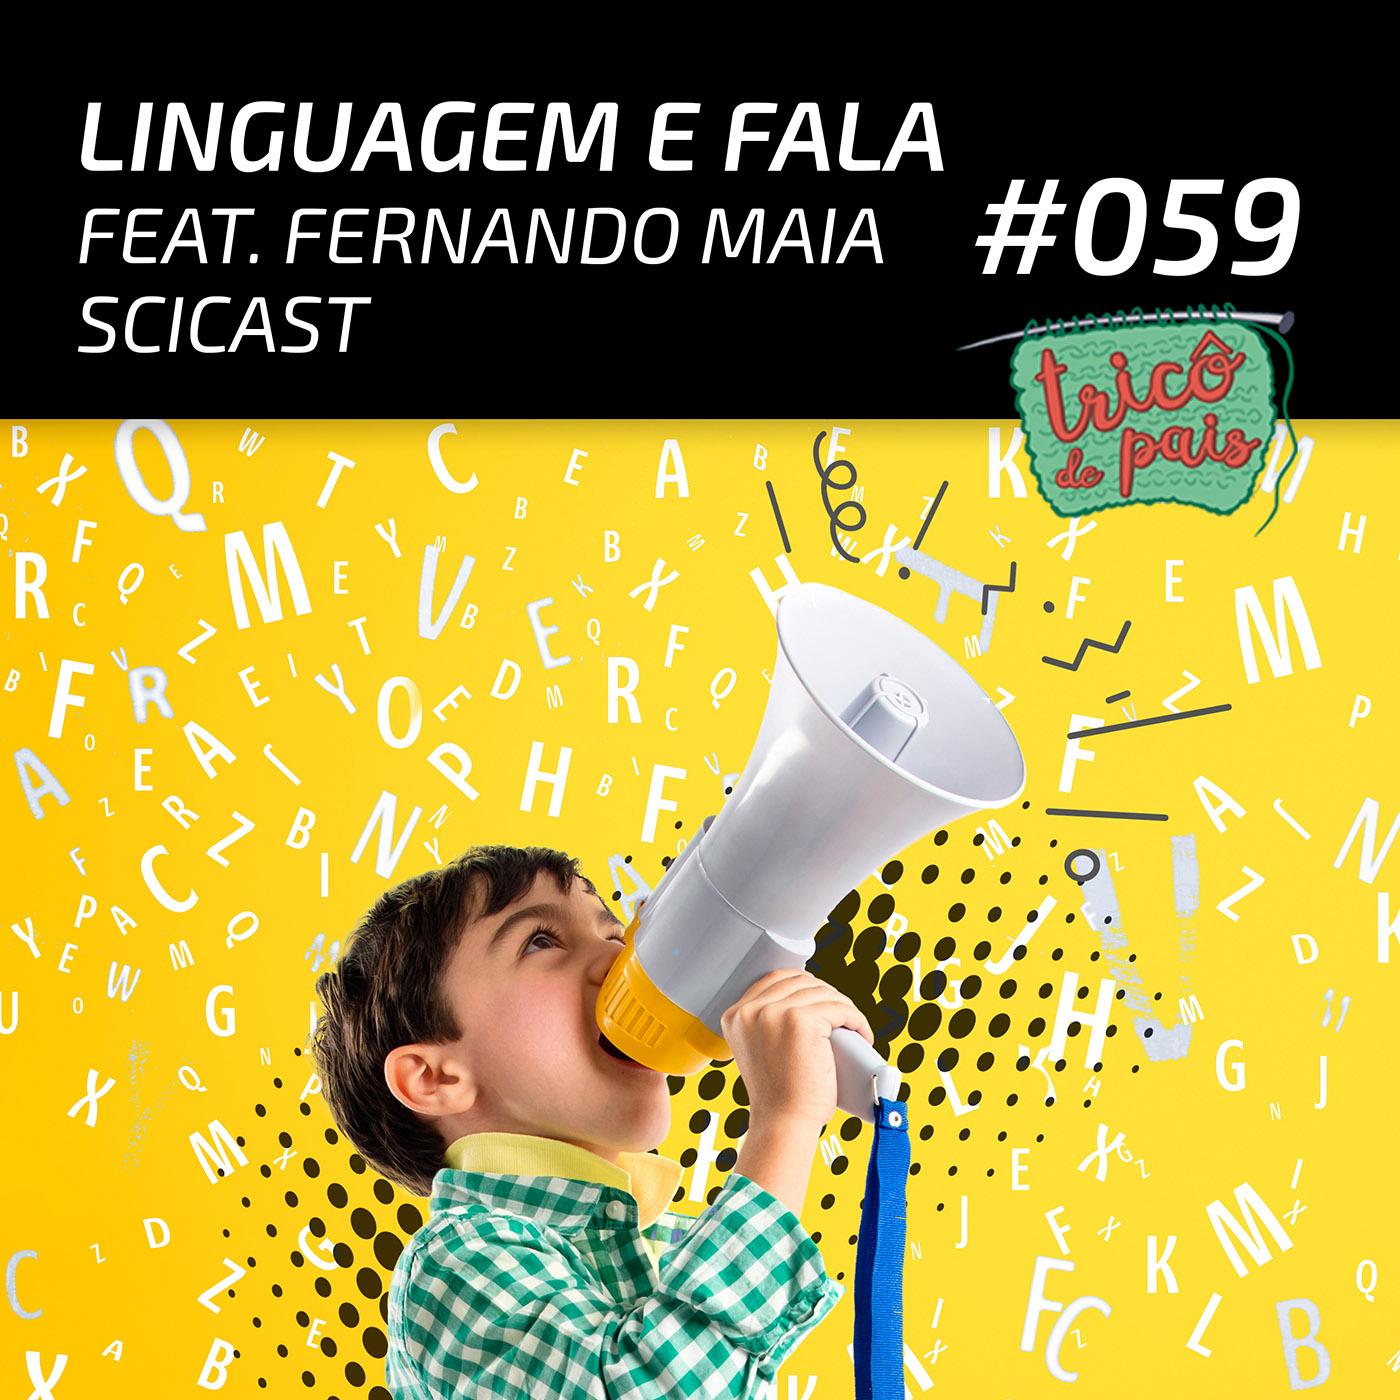 #059 - Linguagem e Fala feat. Fernando Maia (SciCast)